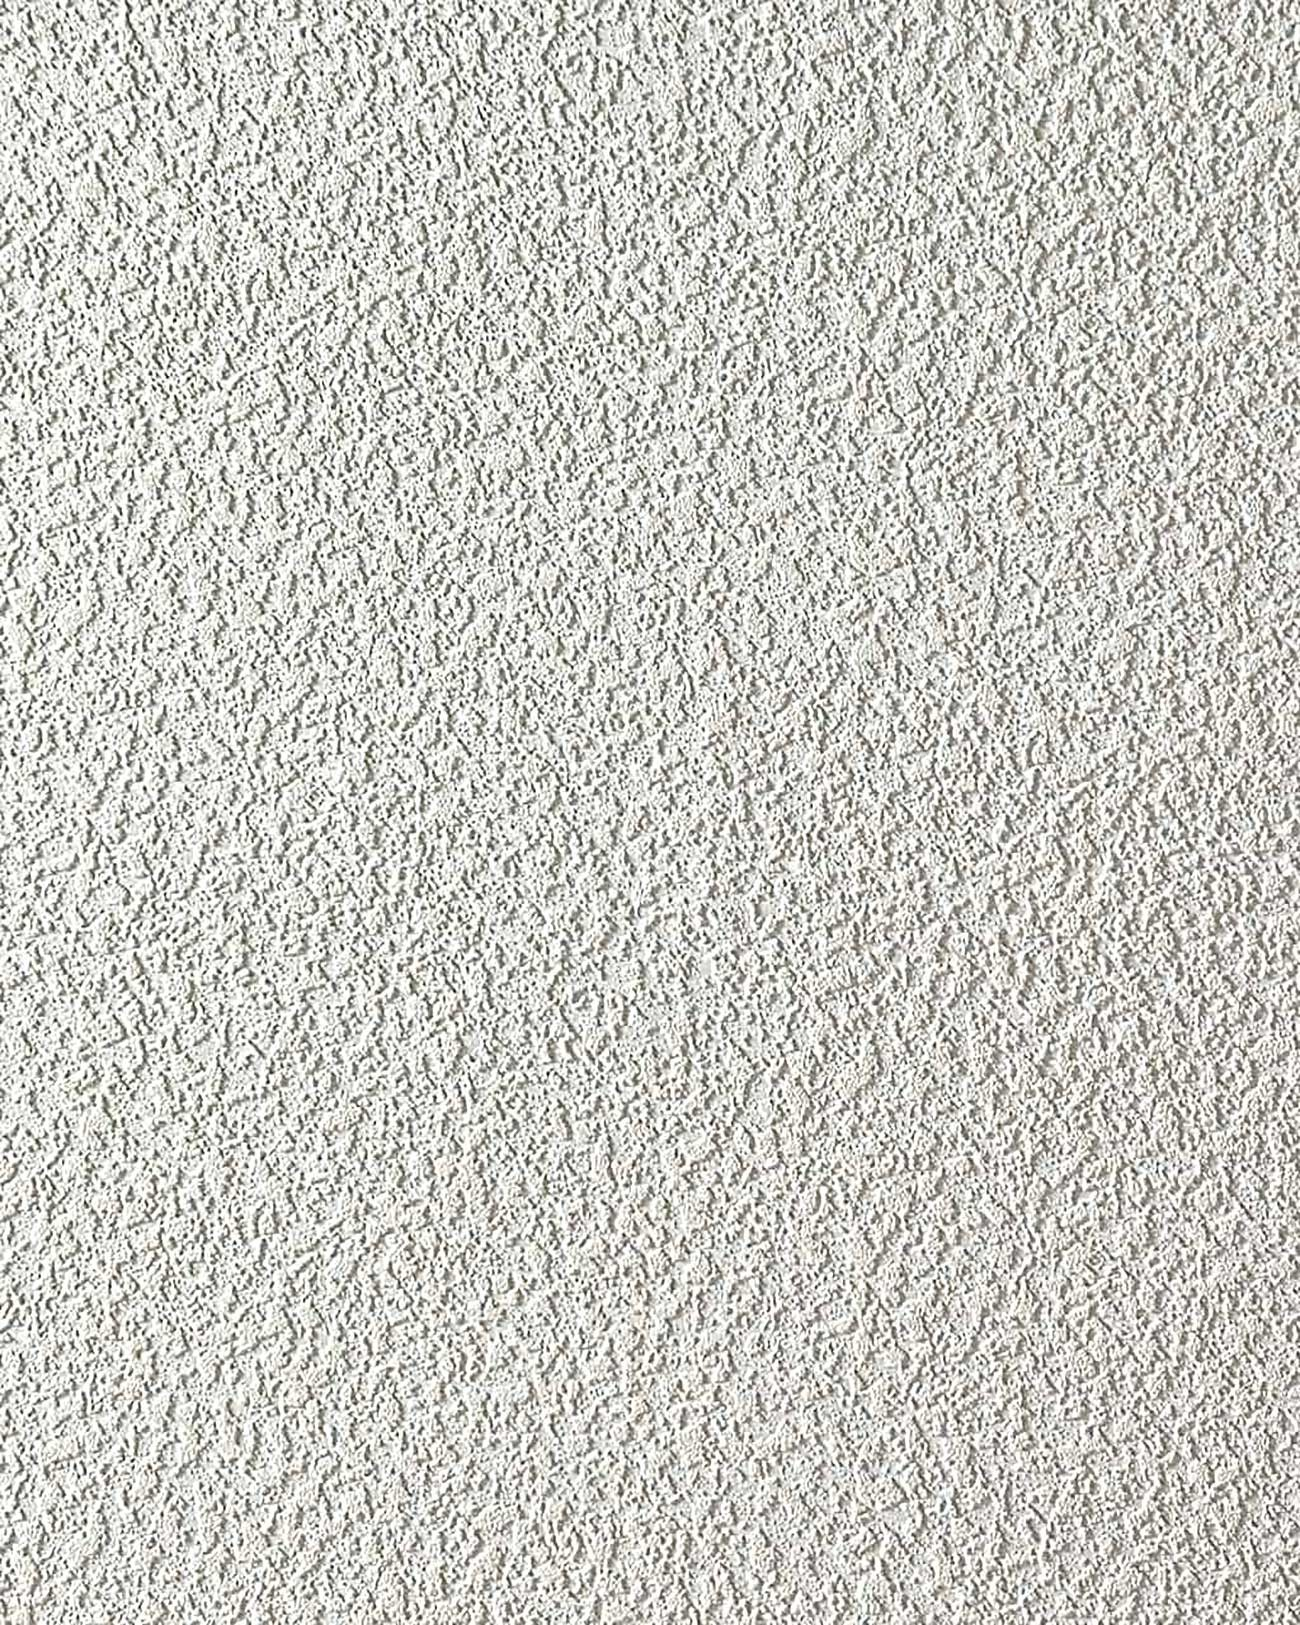 Uni Tapete Edem 204 40 Dekorative Vinyl Schaum Tapete Weiß Rauhfaser